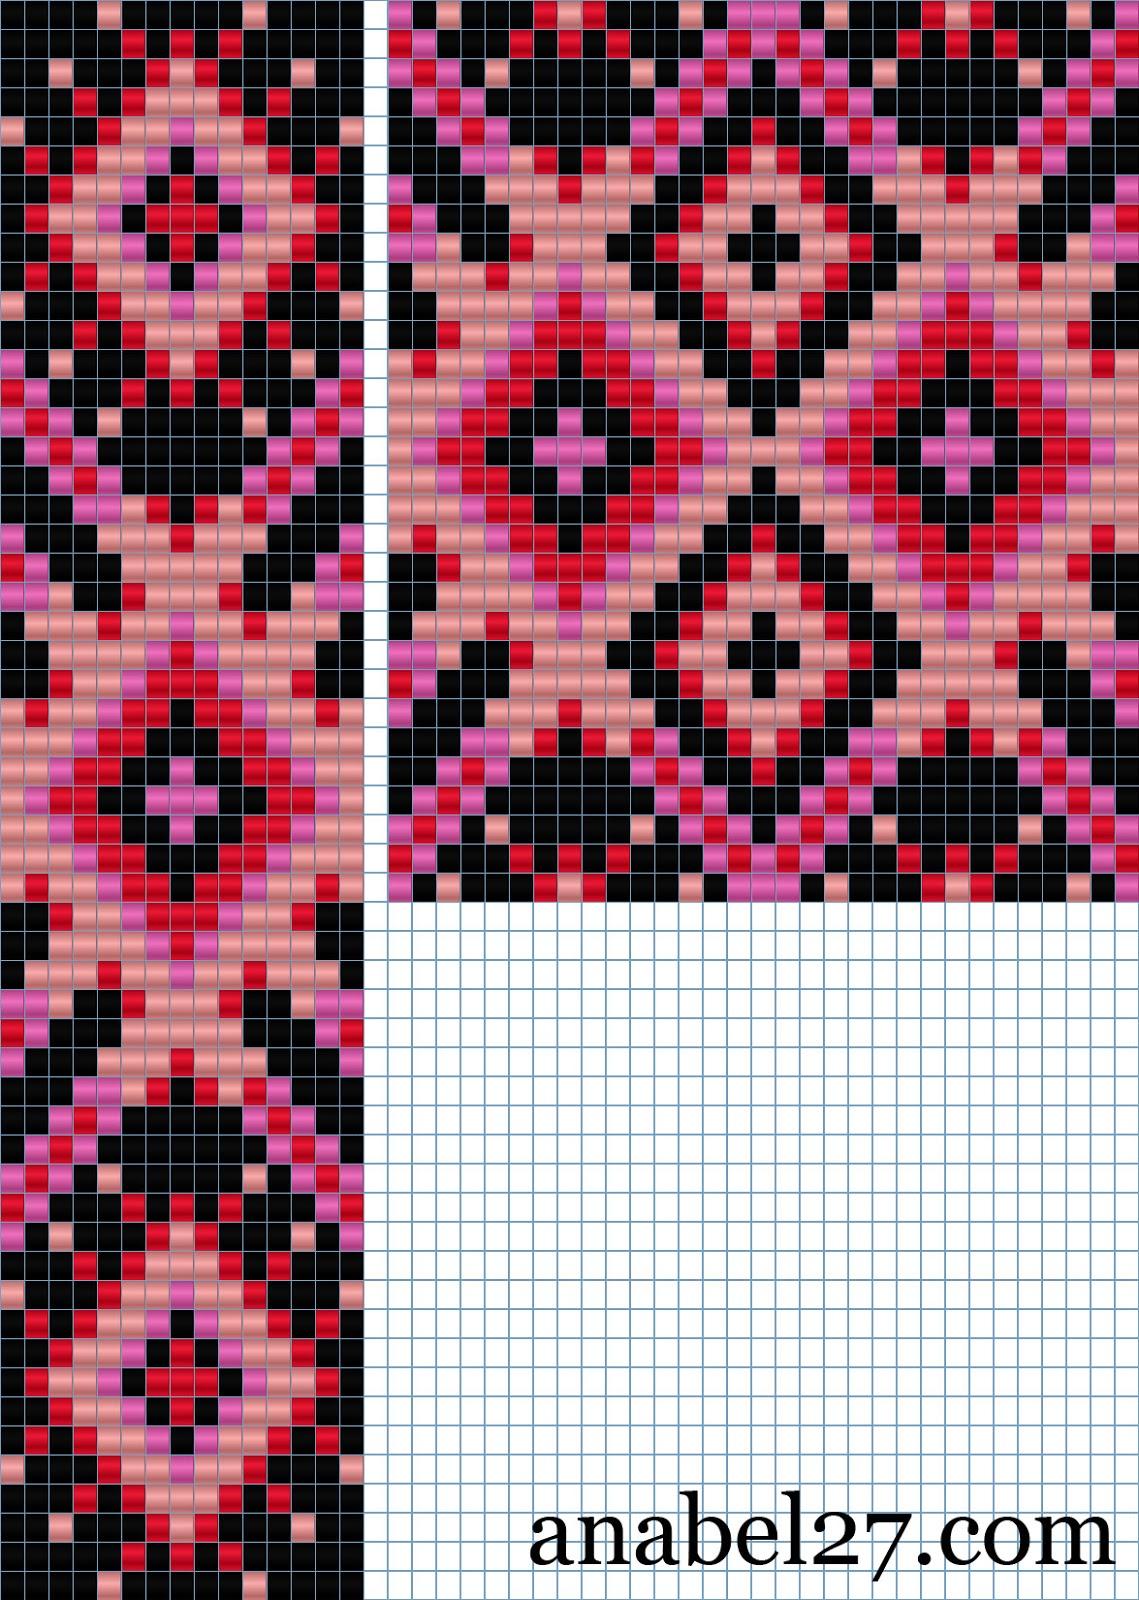 схема плетения. гердан из бисера 6. гердан схема. схема 6. гердан голубой. гердан-5 схема.